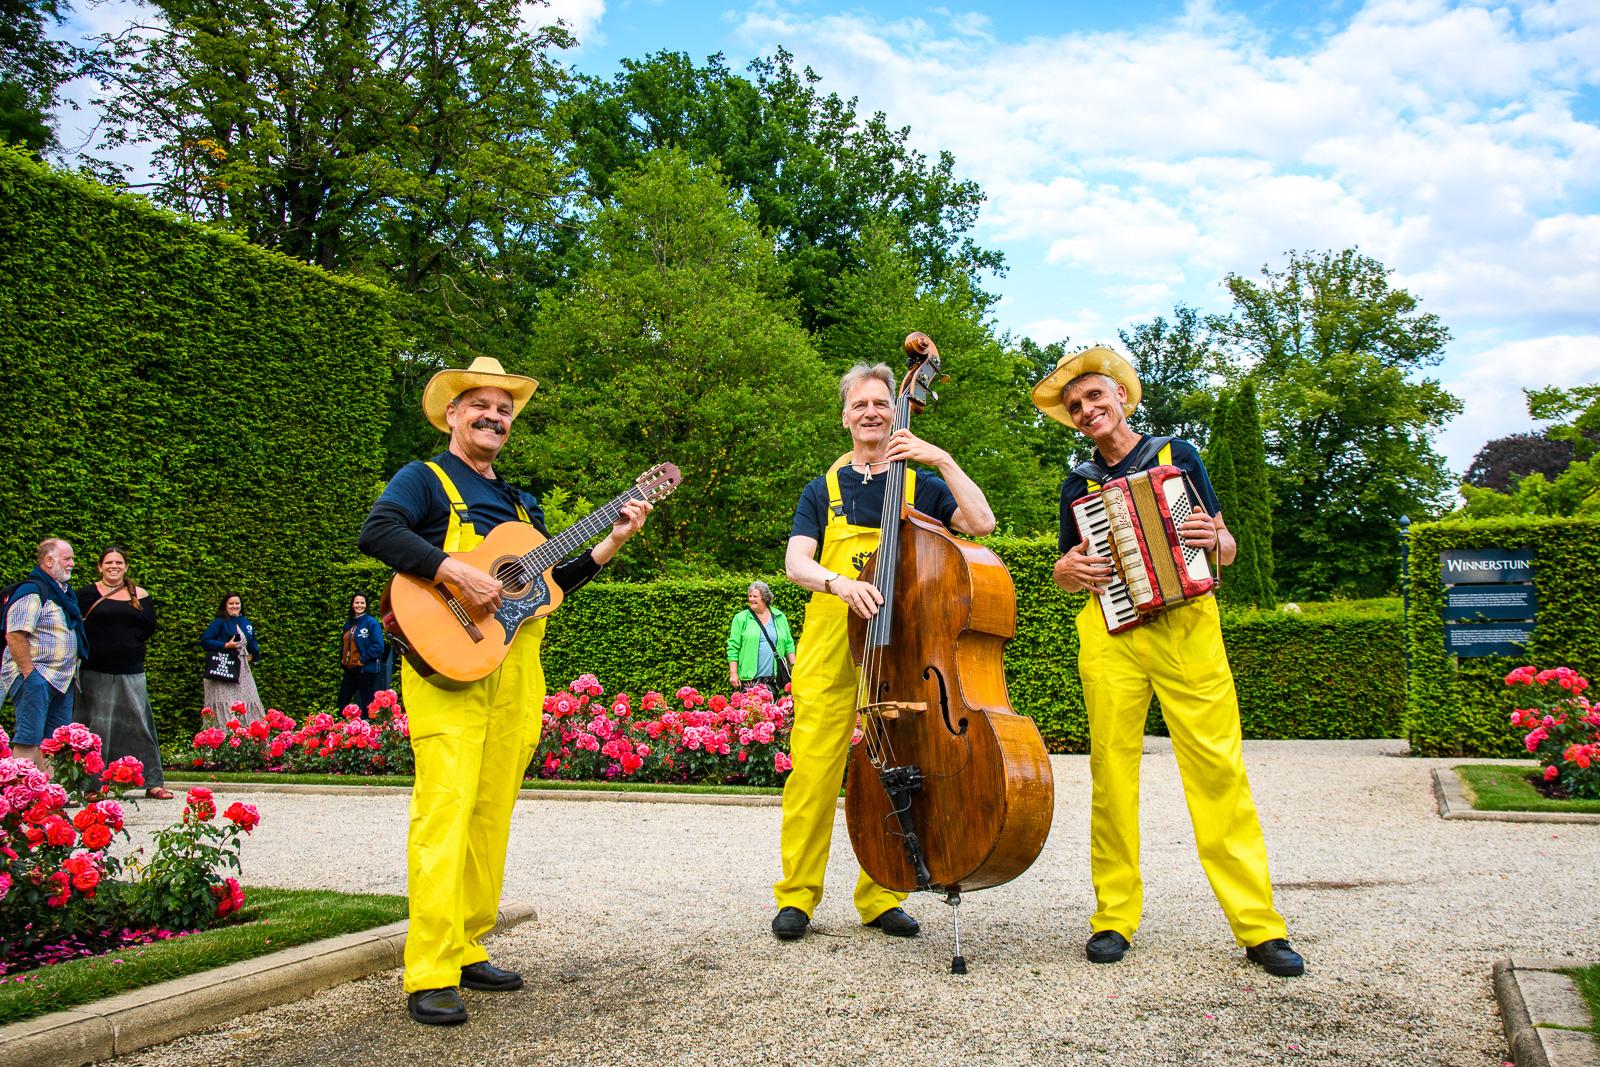 Wegen großem Erfolg verlängert: Sommerabende in den Schlossgärten Arcen am 6., 13. und 20. August!